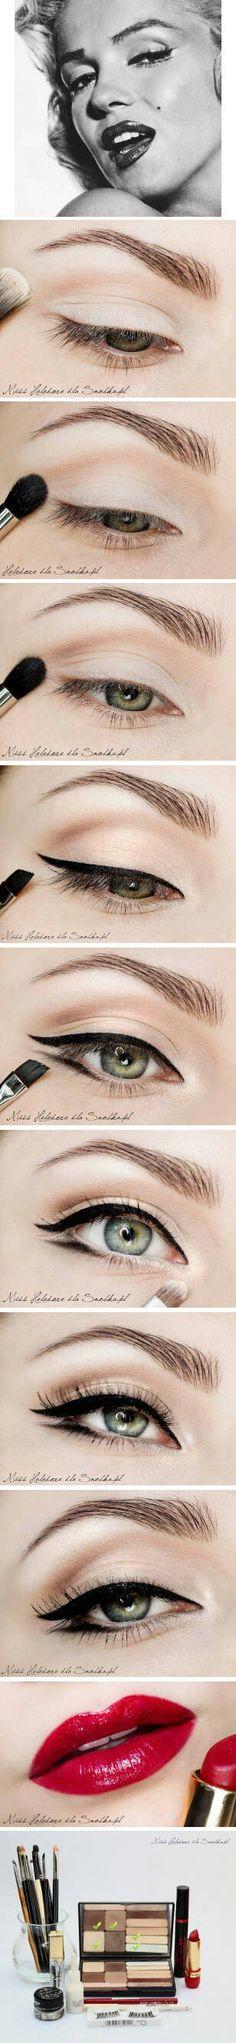 Marilyn Monroe makeup look